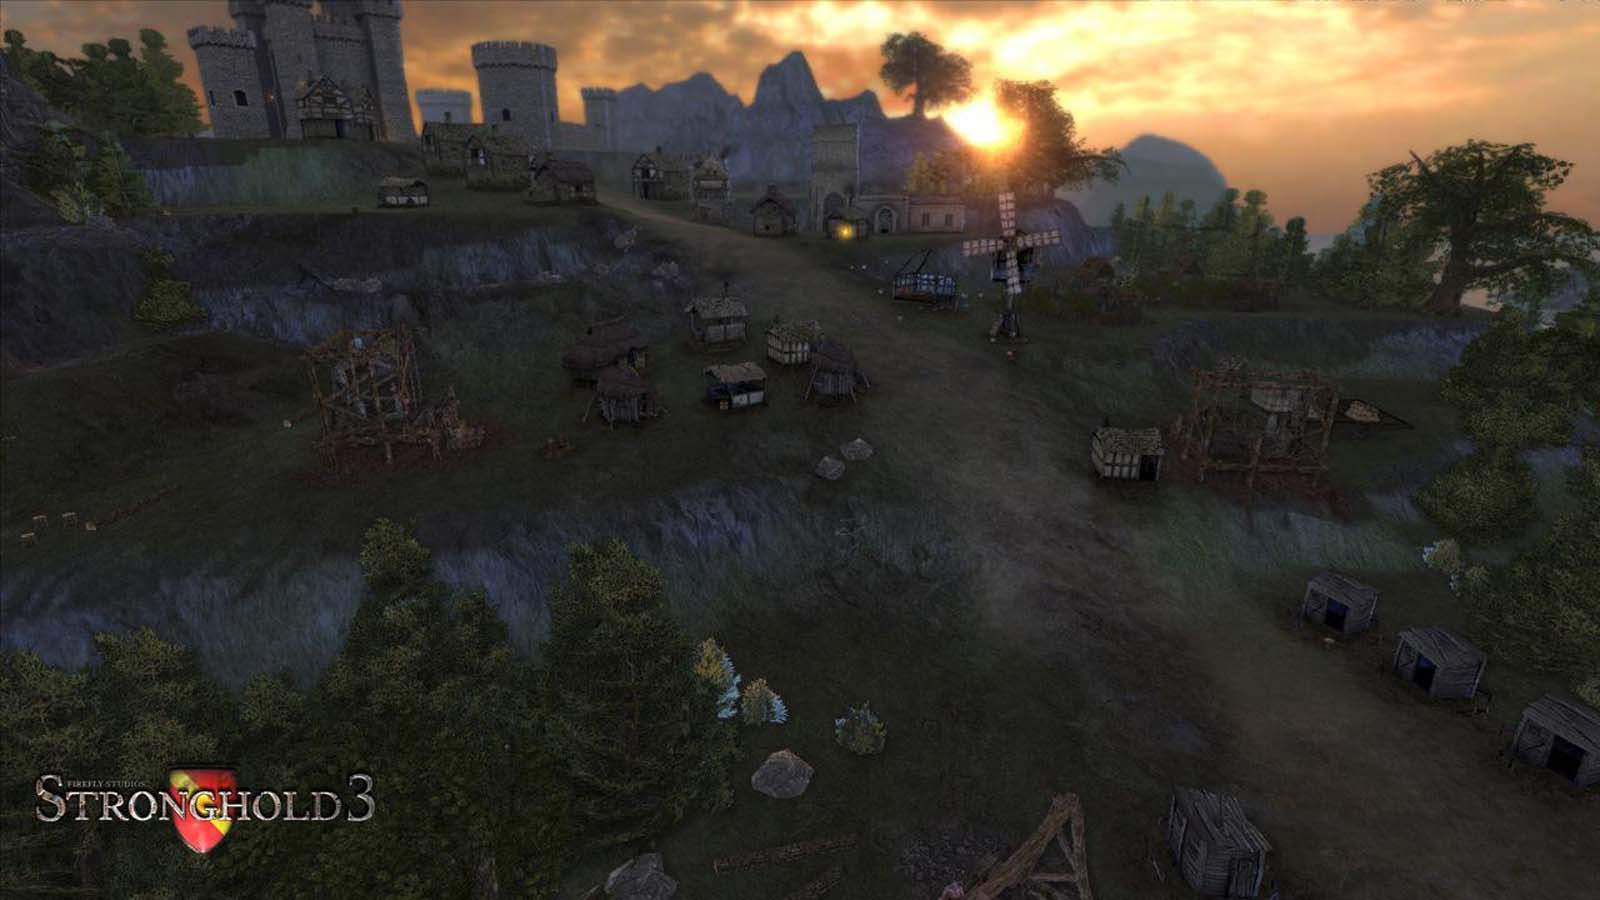 تحميل لعبة Stronghold 3 مضغوطة برابط واحد مباشر كاملة مجانا